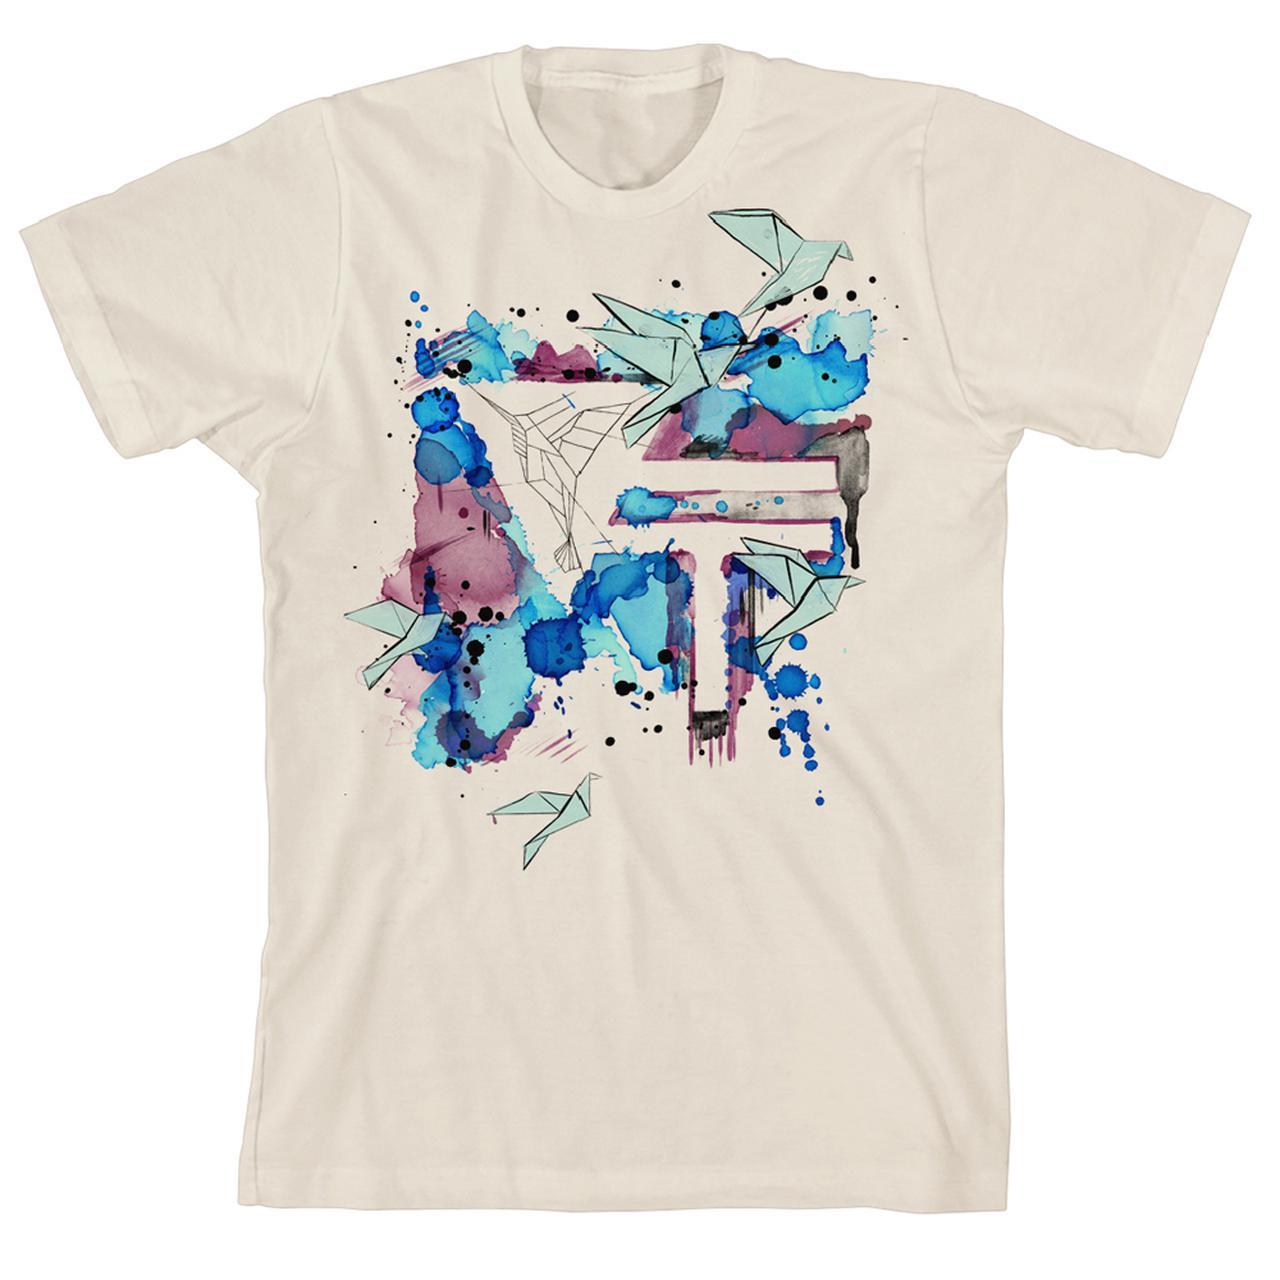 1280x1280 Vinyl Theatre Watercolor T Shirt